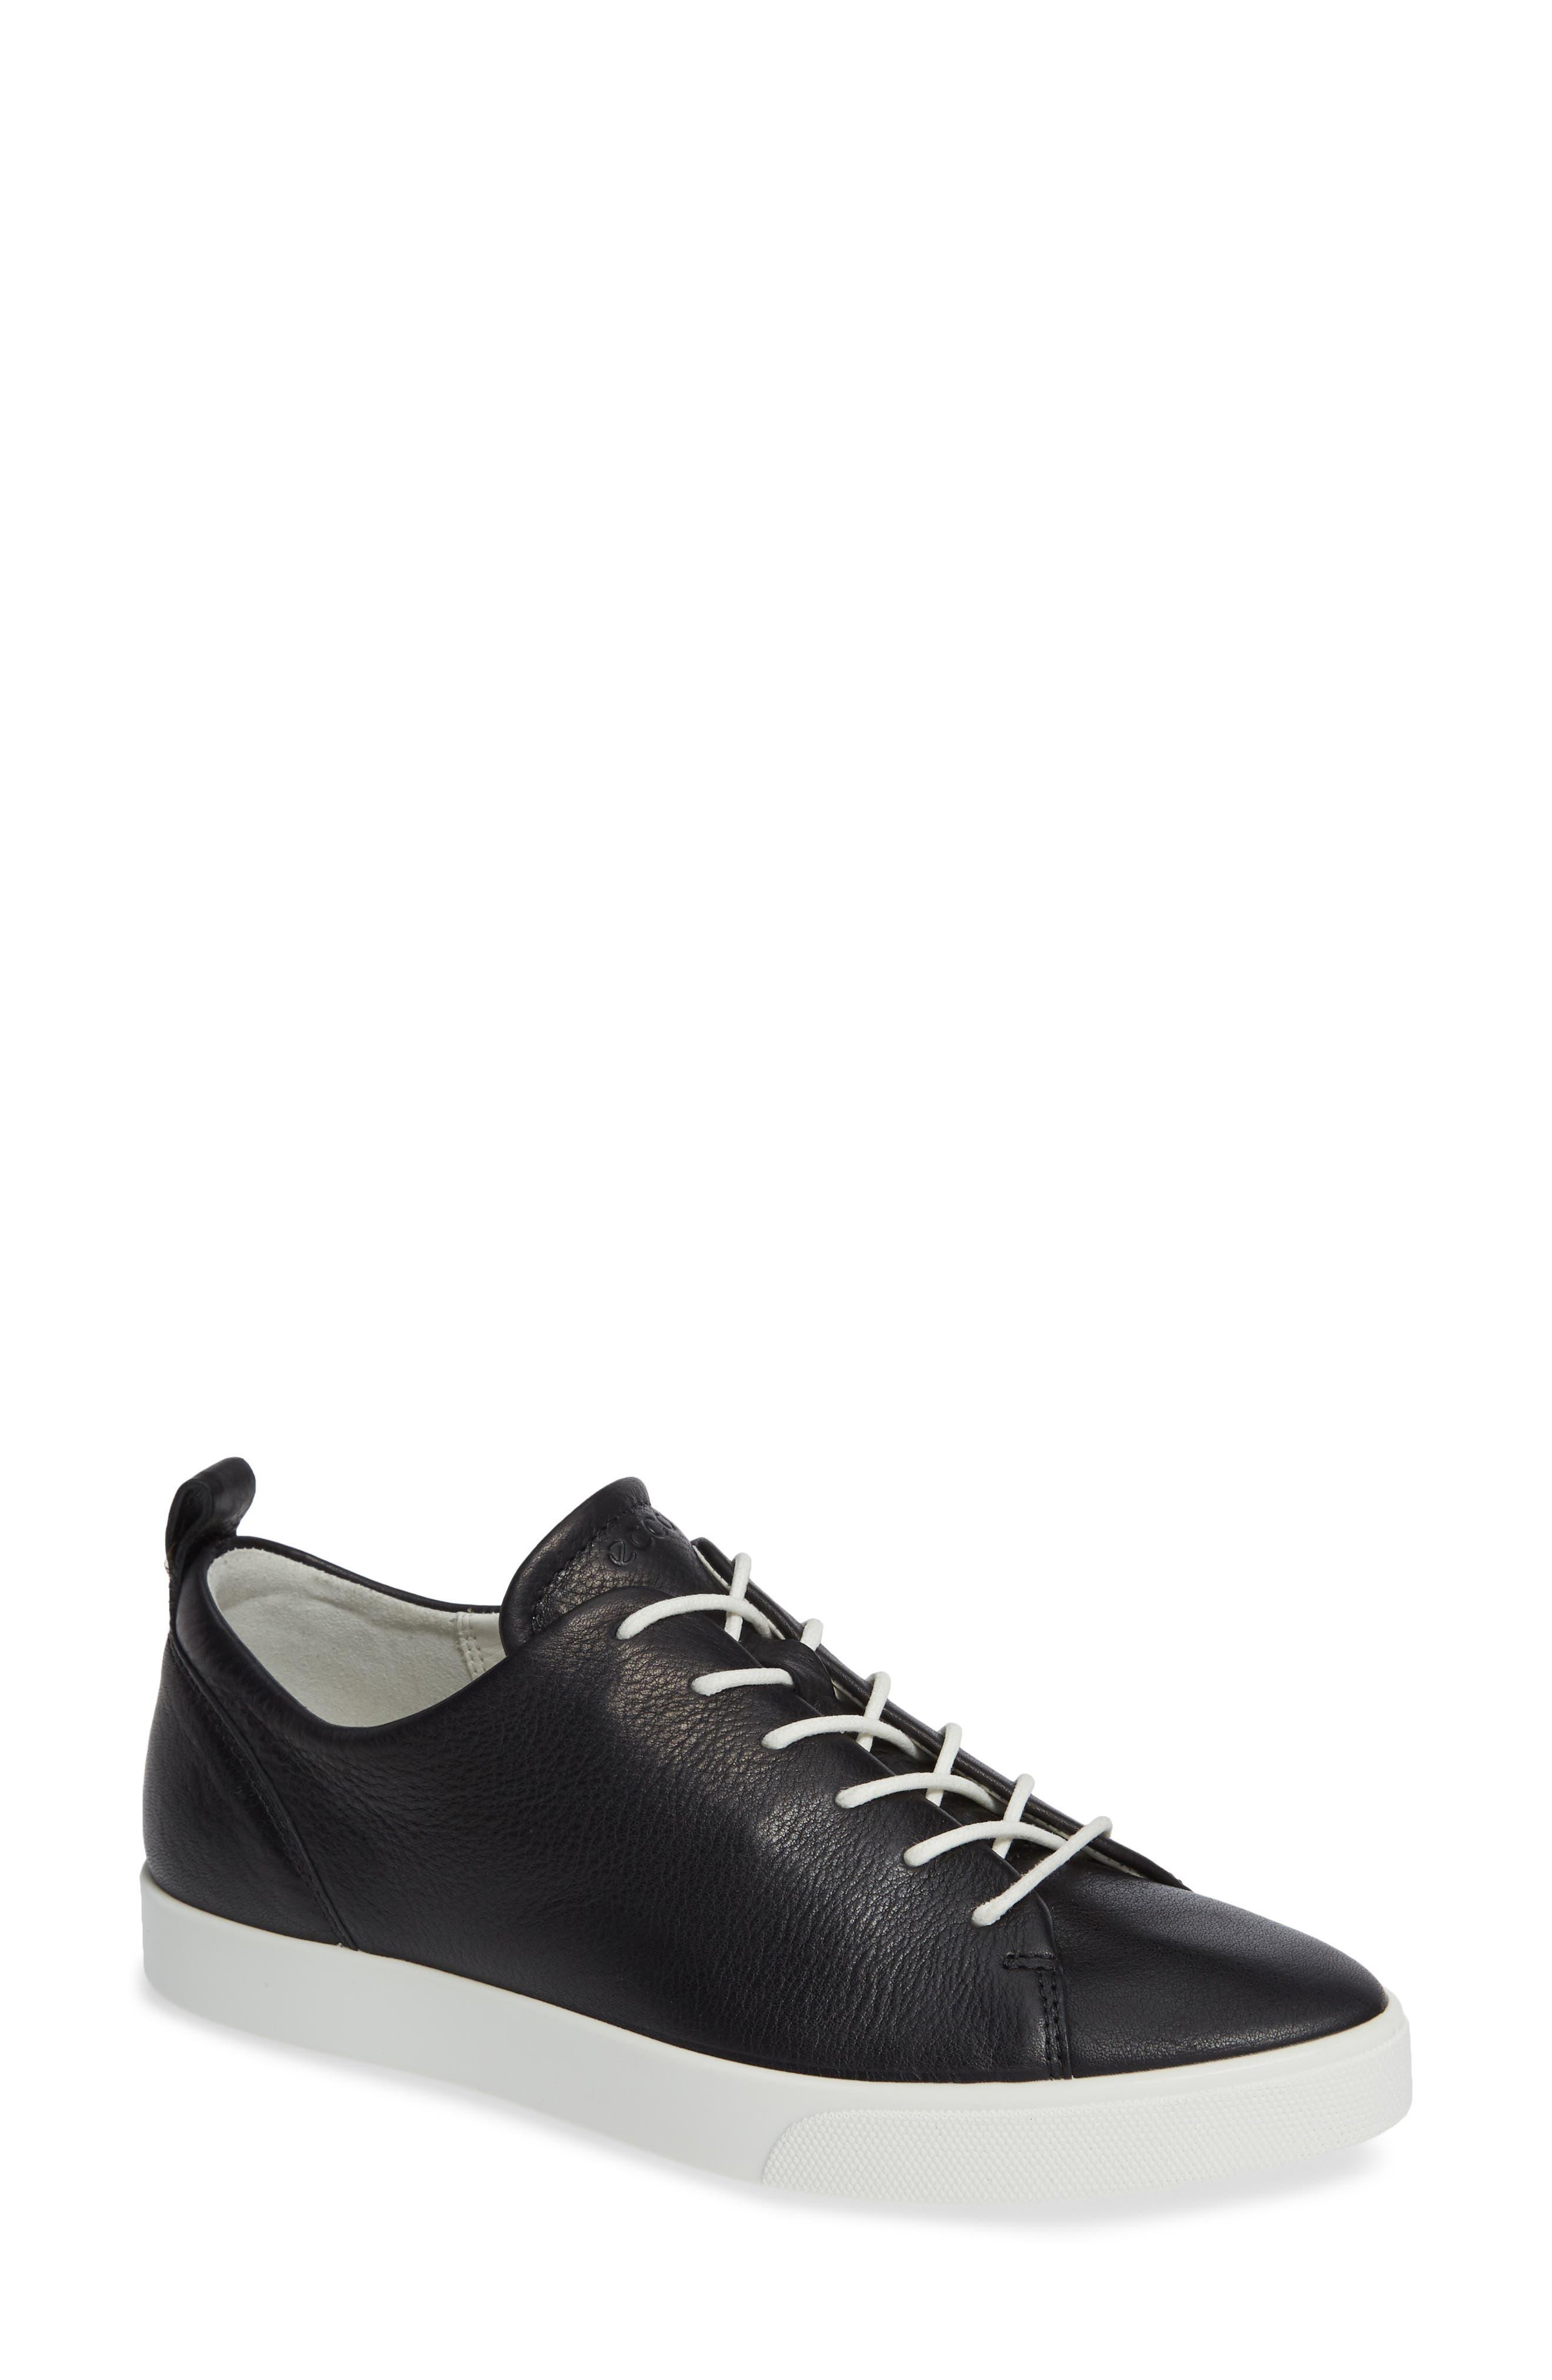 ECCO Gillian Sneaker, Main, color, BLACK/ BLACK LEATHER